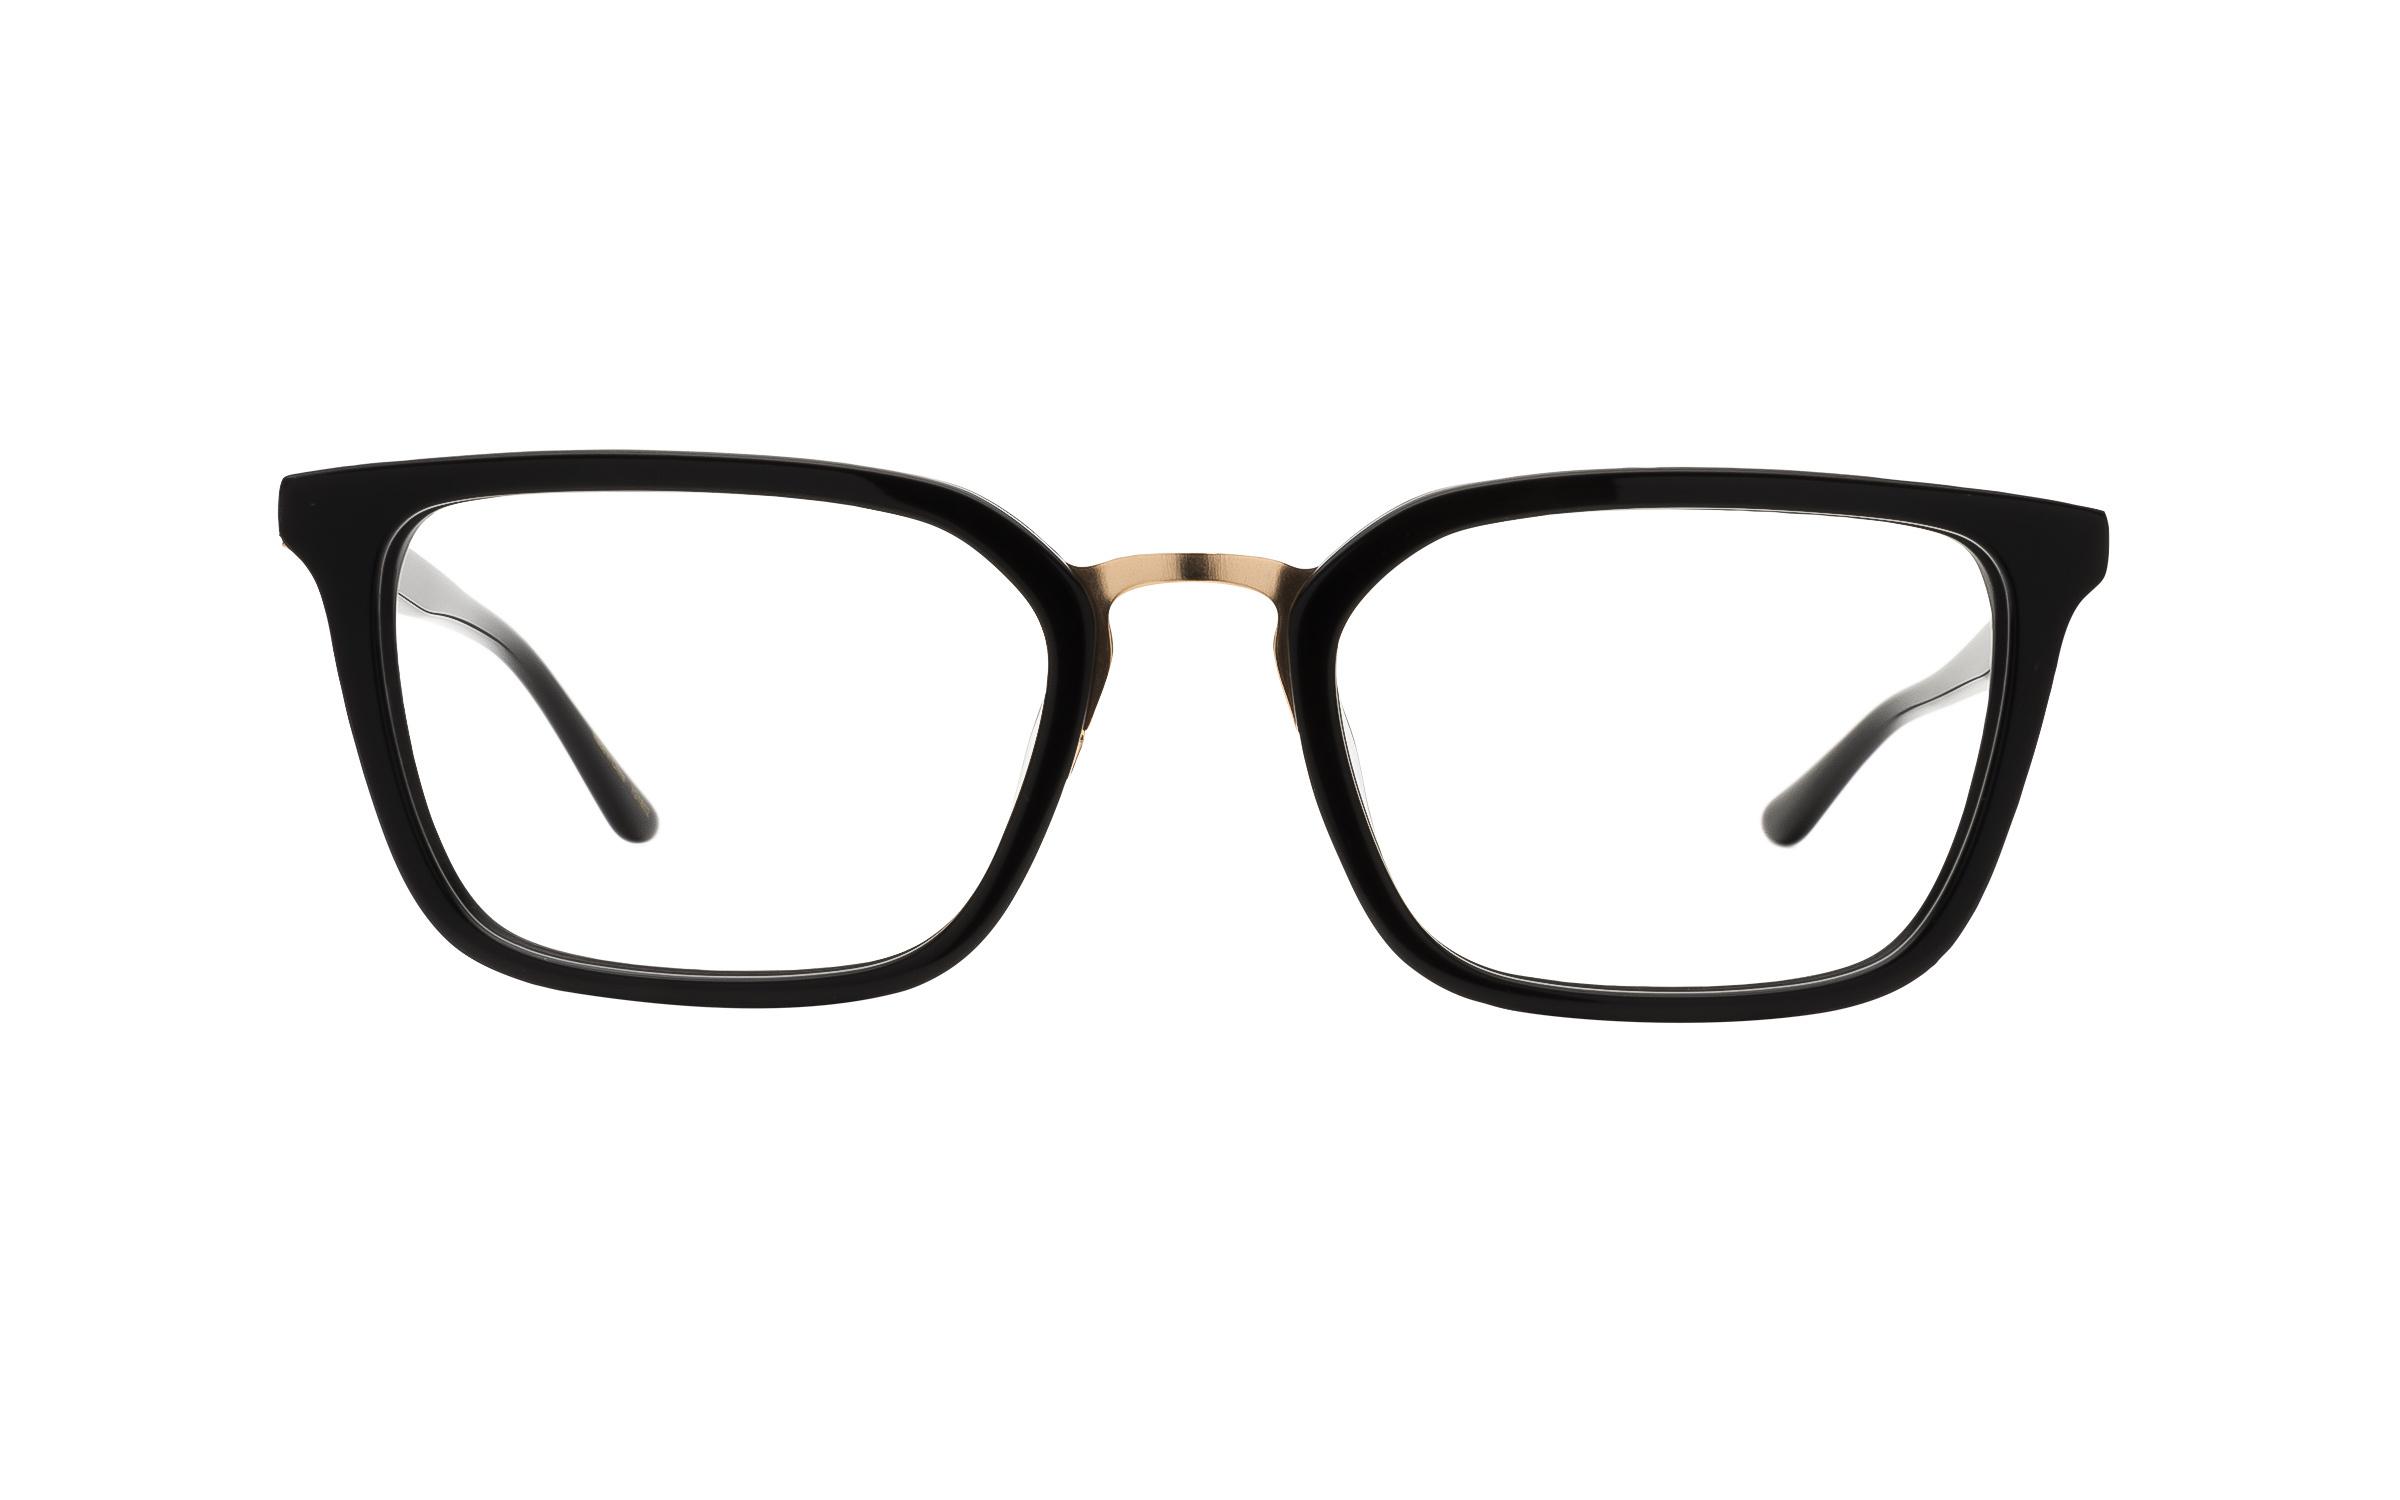 Kam Dhillon Women's Glasses Black Acetate/Metal Online Coastal